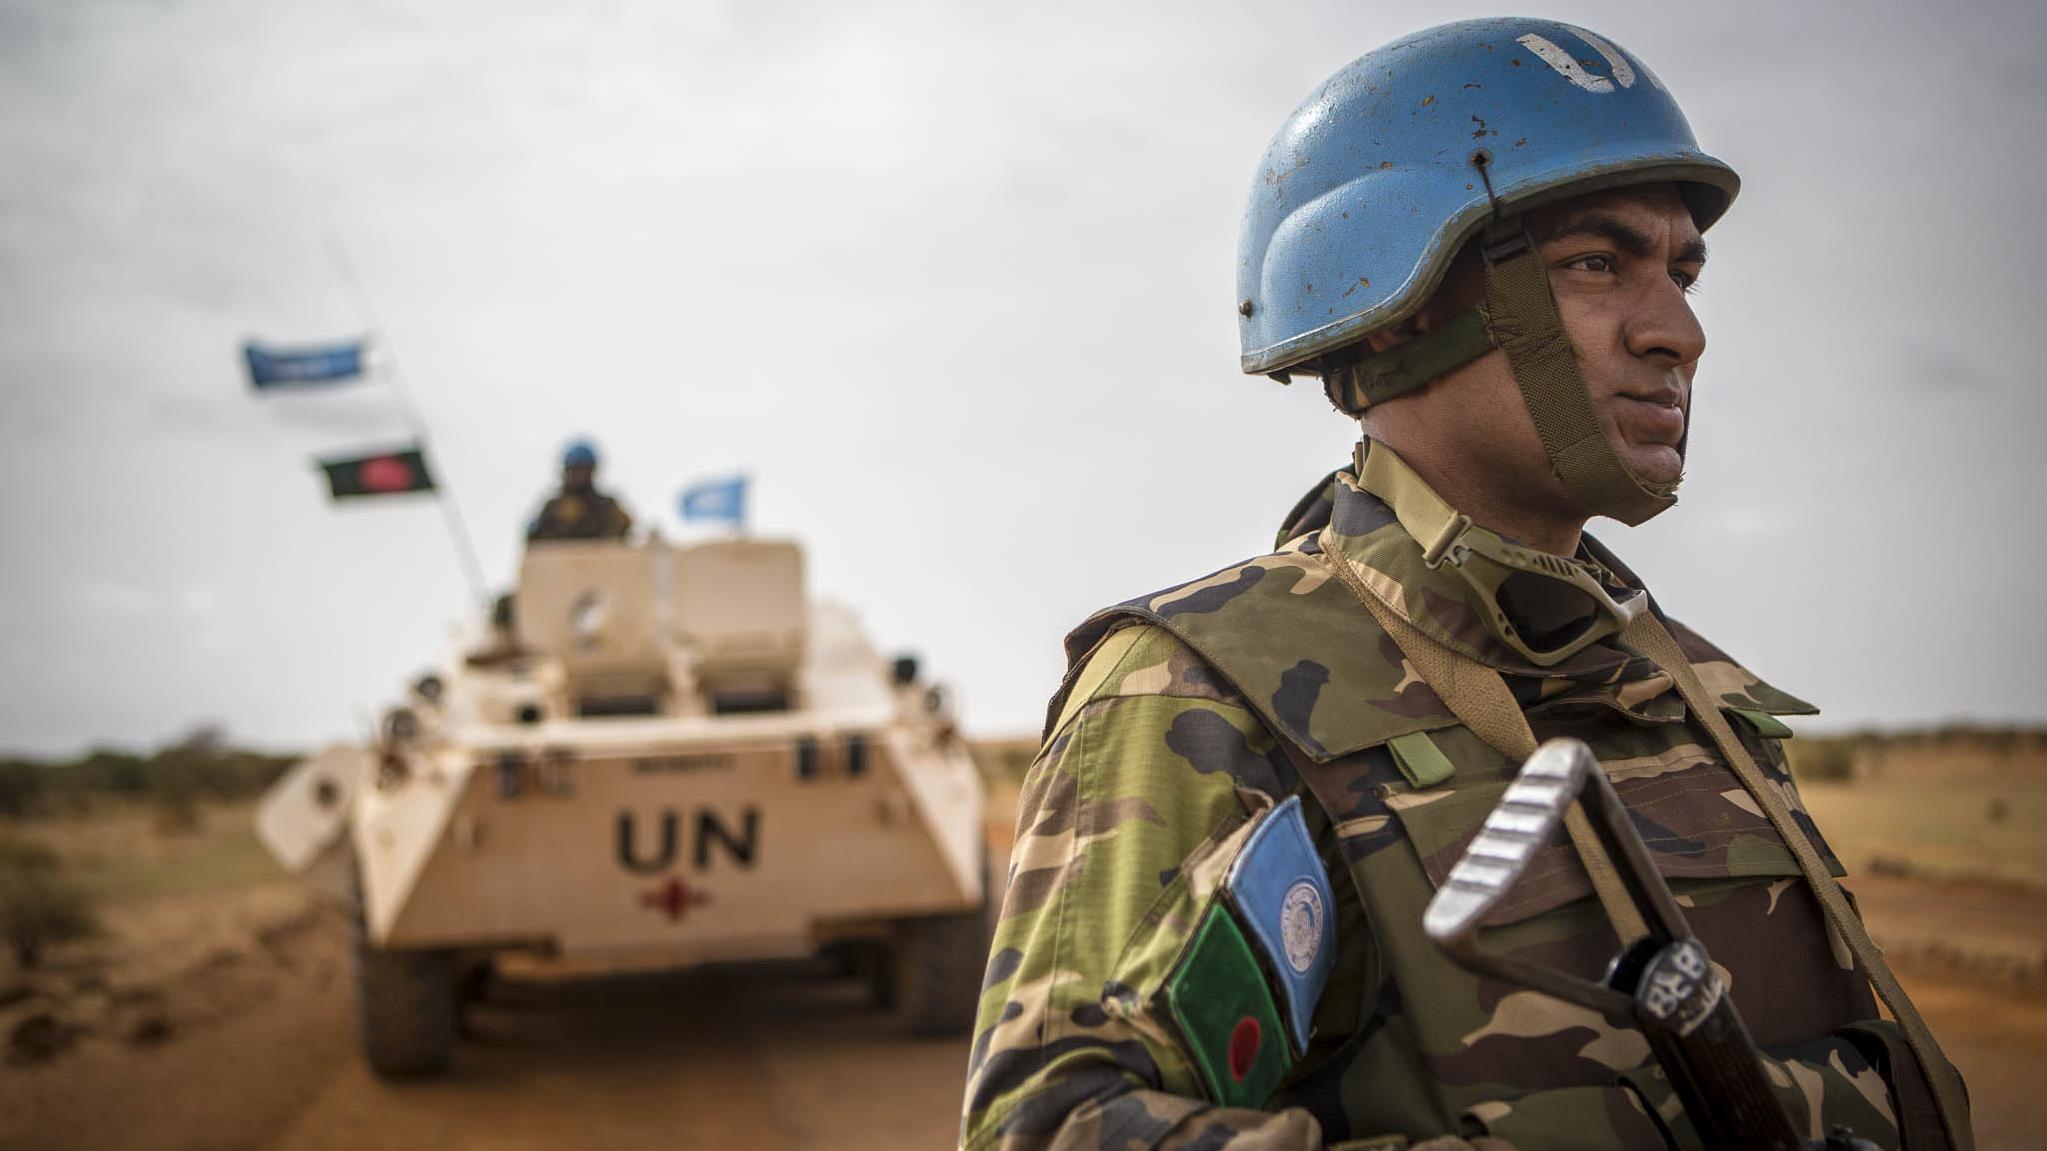 Ottawa confirme l'envoi de Casques bleus pour une mission d'un an au Mali